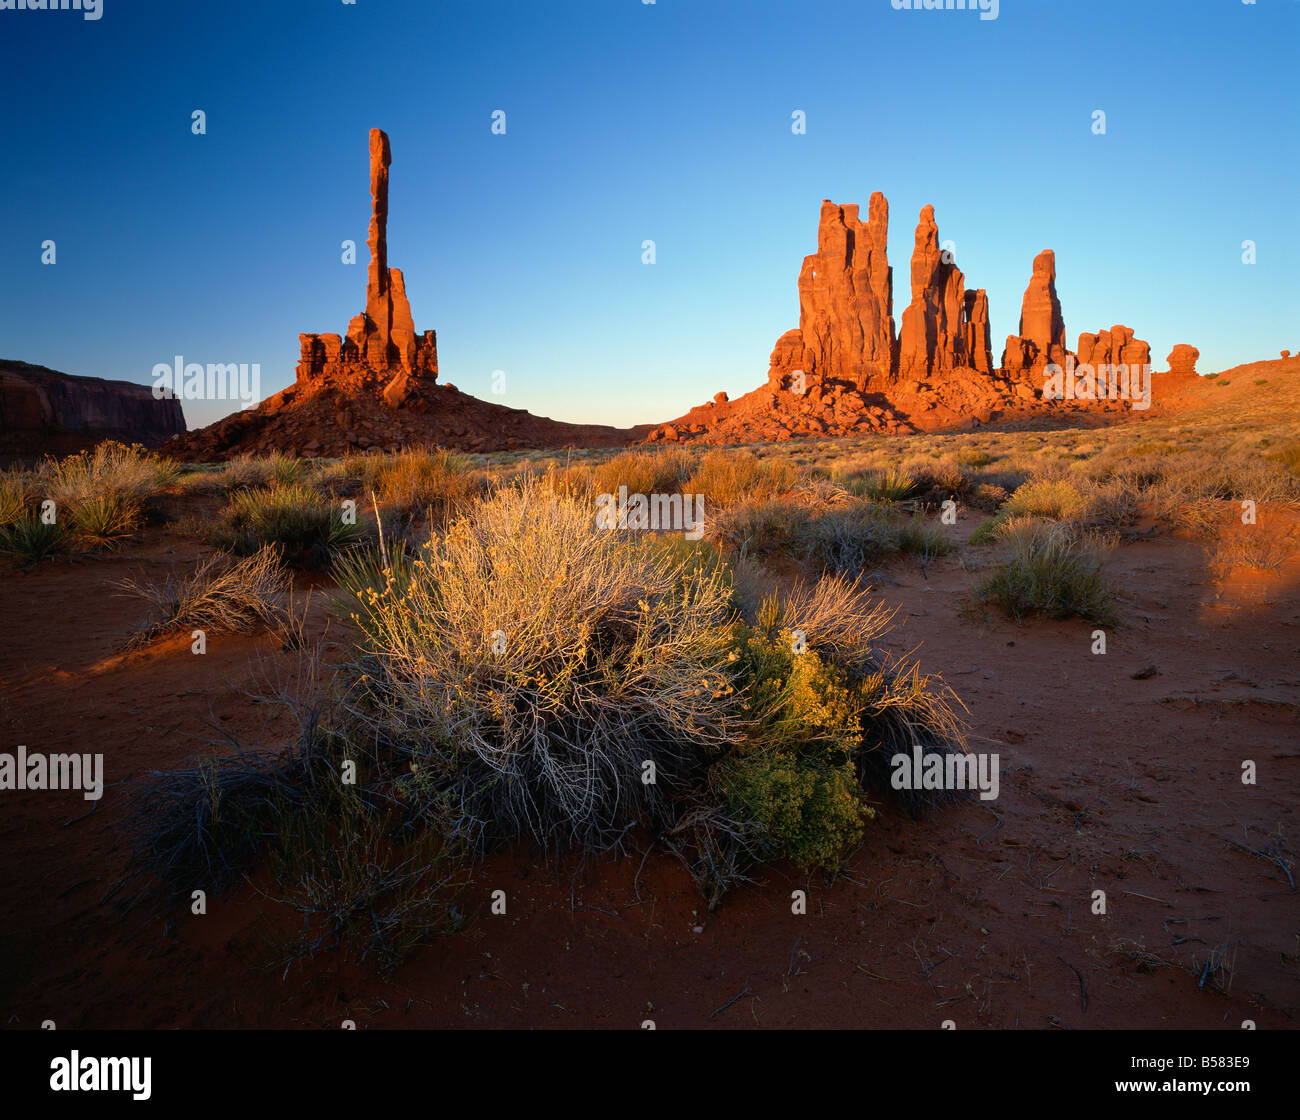 Totempfahl, Monument Valley Tribal Park, Arizona, Vereinigte Staaten von Amerika, Nordamerika Stockbild